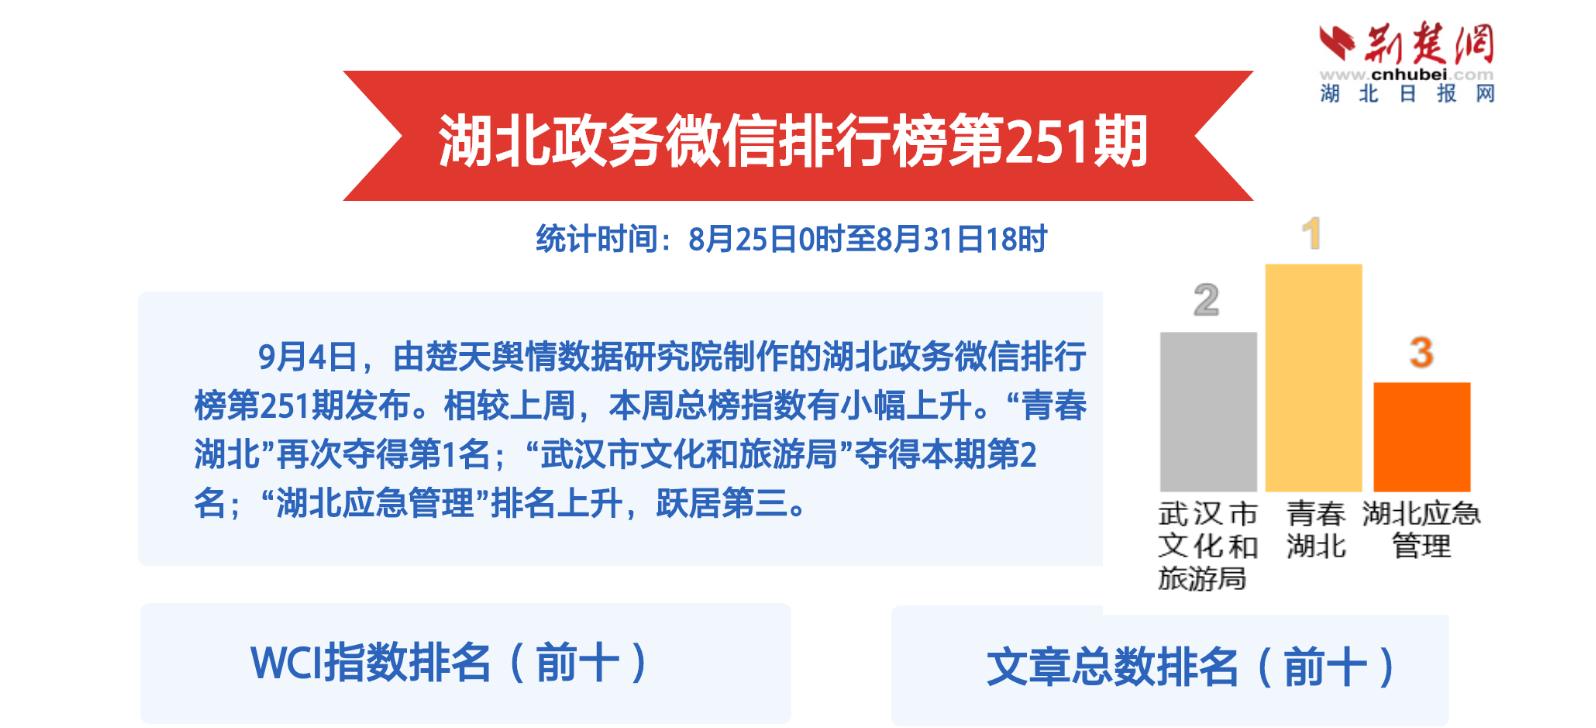 yabo亚博体育app官方下载政务微信排行榜第251期  竹山绿松石夺人眼球